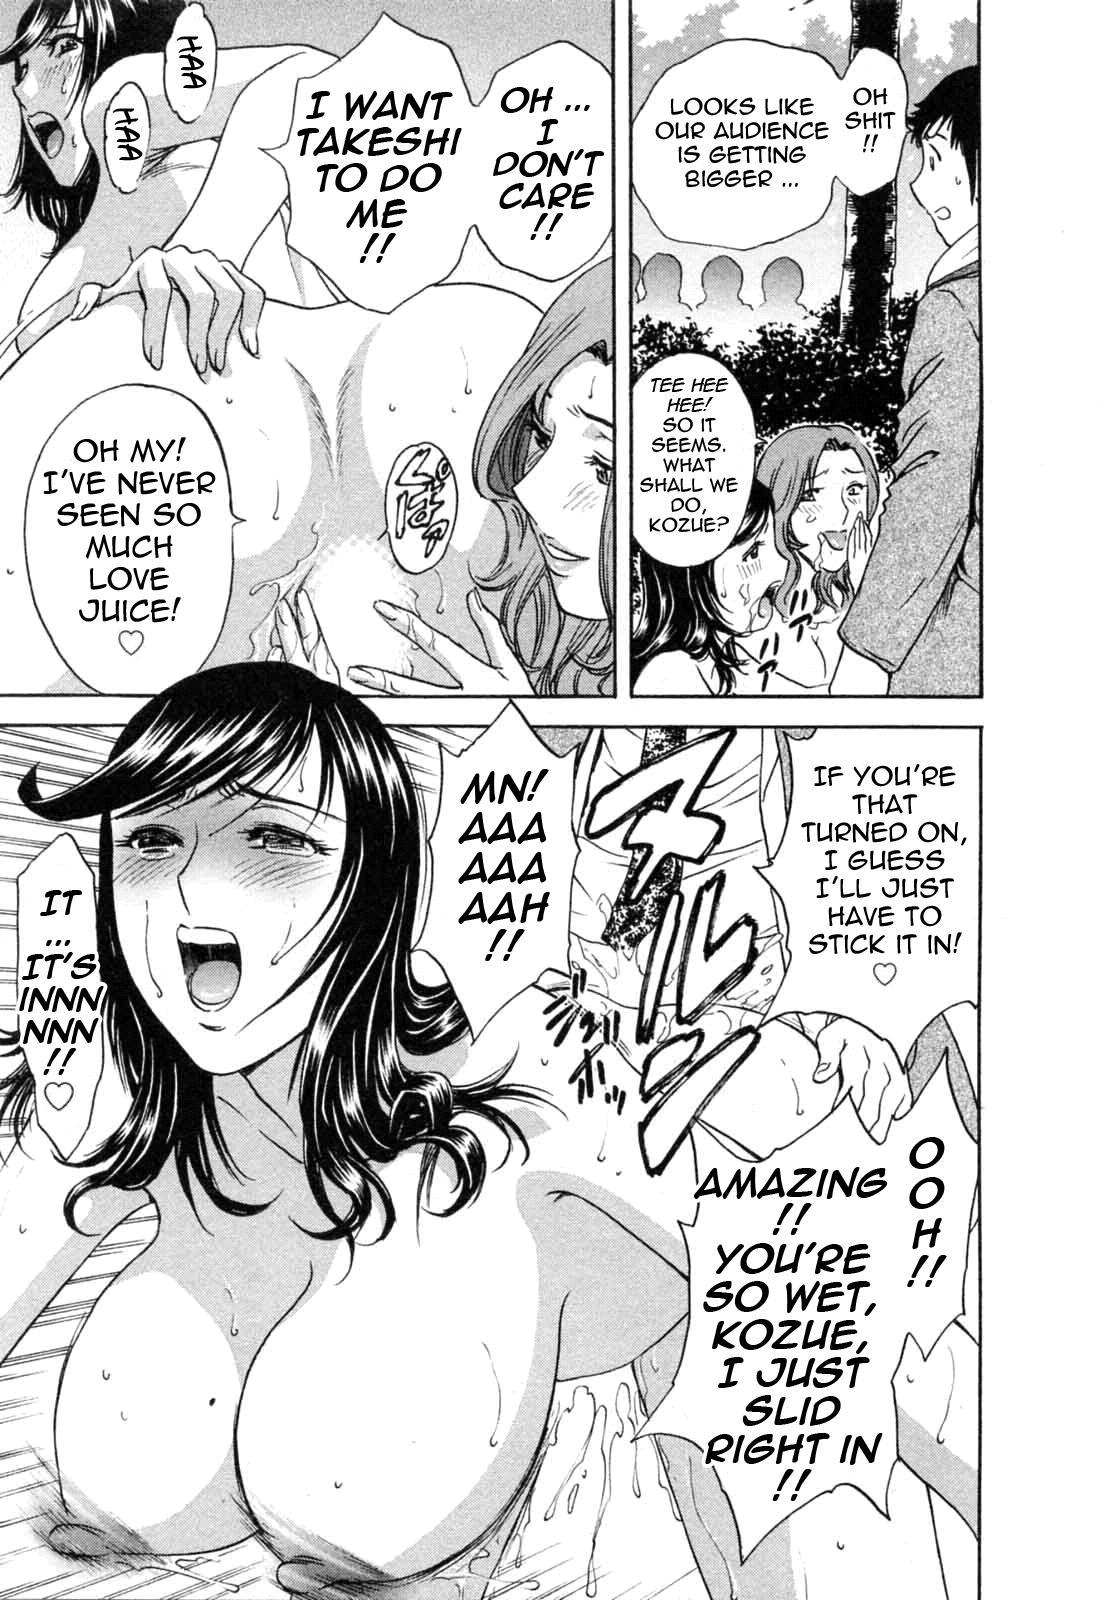 [Hidemaru] Mo-Retsu! Boin Sensei (Boing Boing Teacher) Vol.5 [English] [4dawgz] [Tadanohito] 68